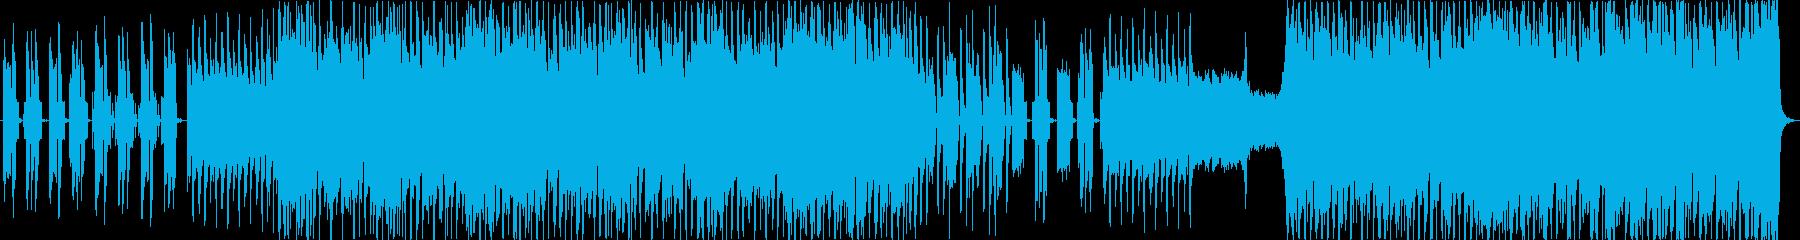 推進力のあるエレクトロなロックの再生済みの波形